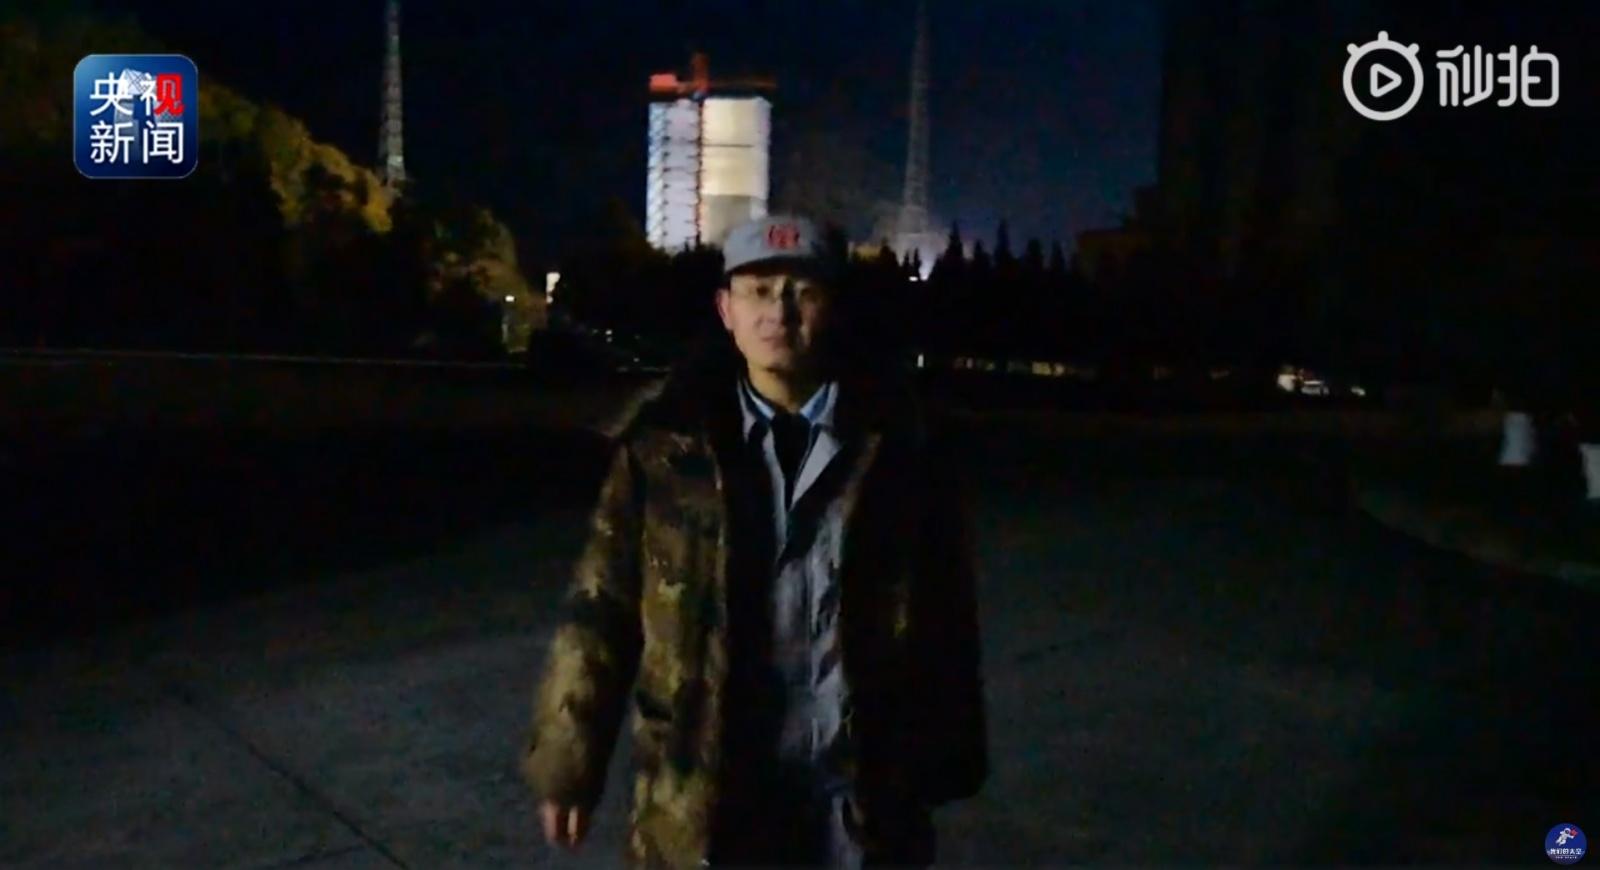 Суровая рабочая реальность — Китайский космодром Сичан (Xichang Satellite Launch Center — XSLC) - 105